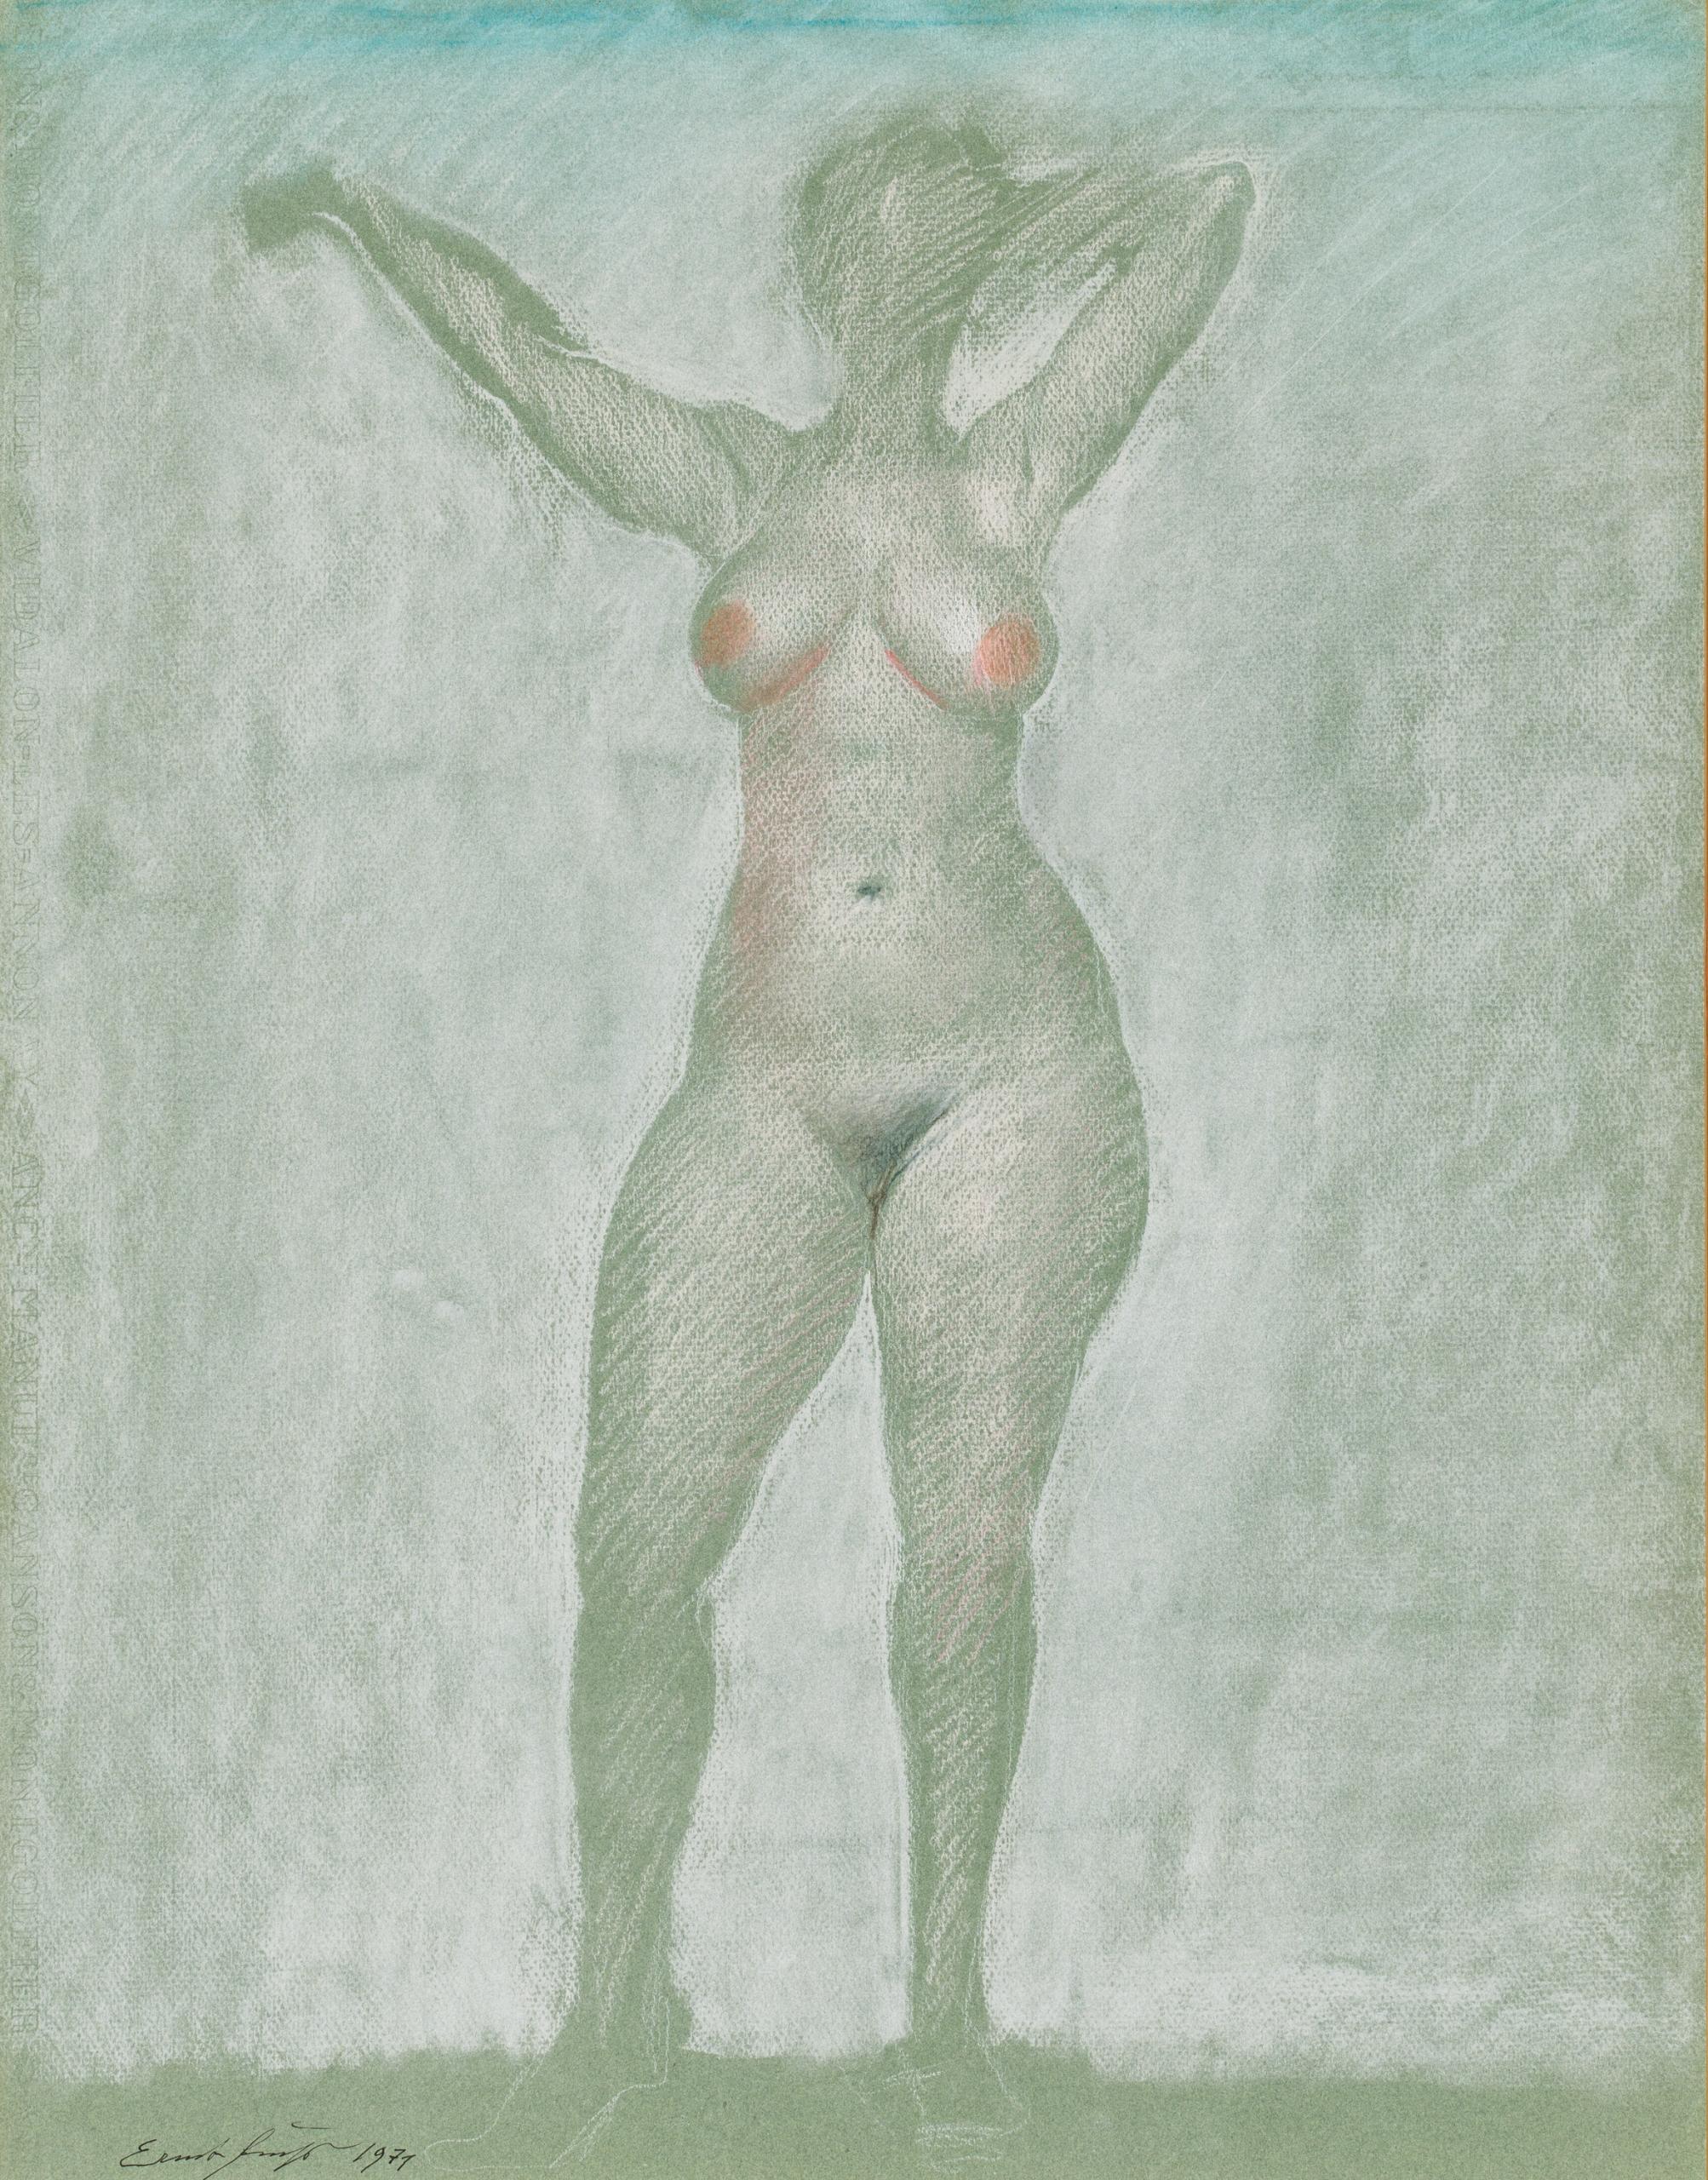 Ernst Fuchs, Die Einkleidung der Esther